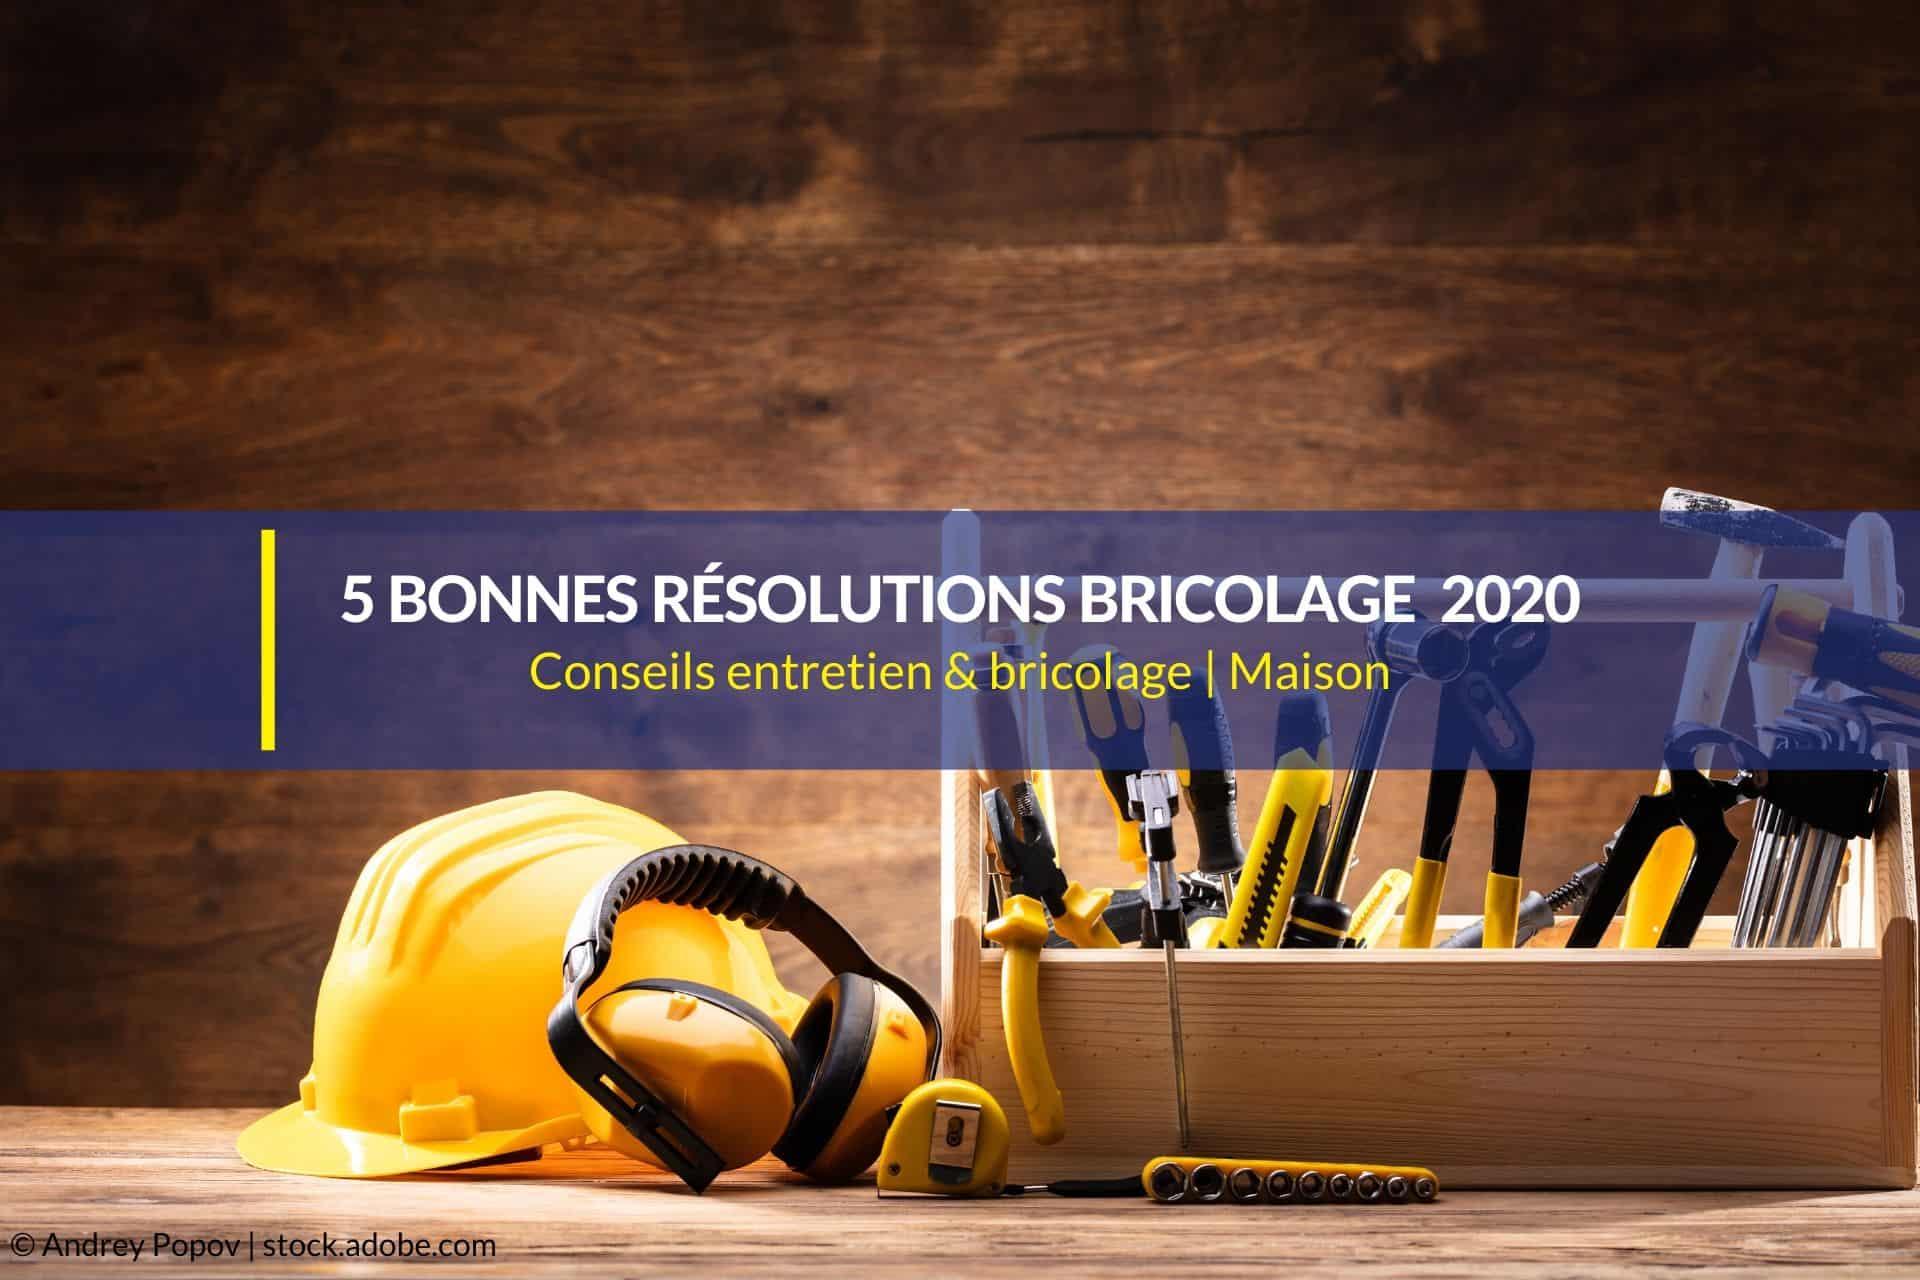 bonnes résolutions bricolage 2020